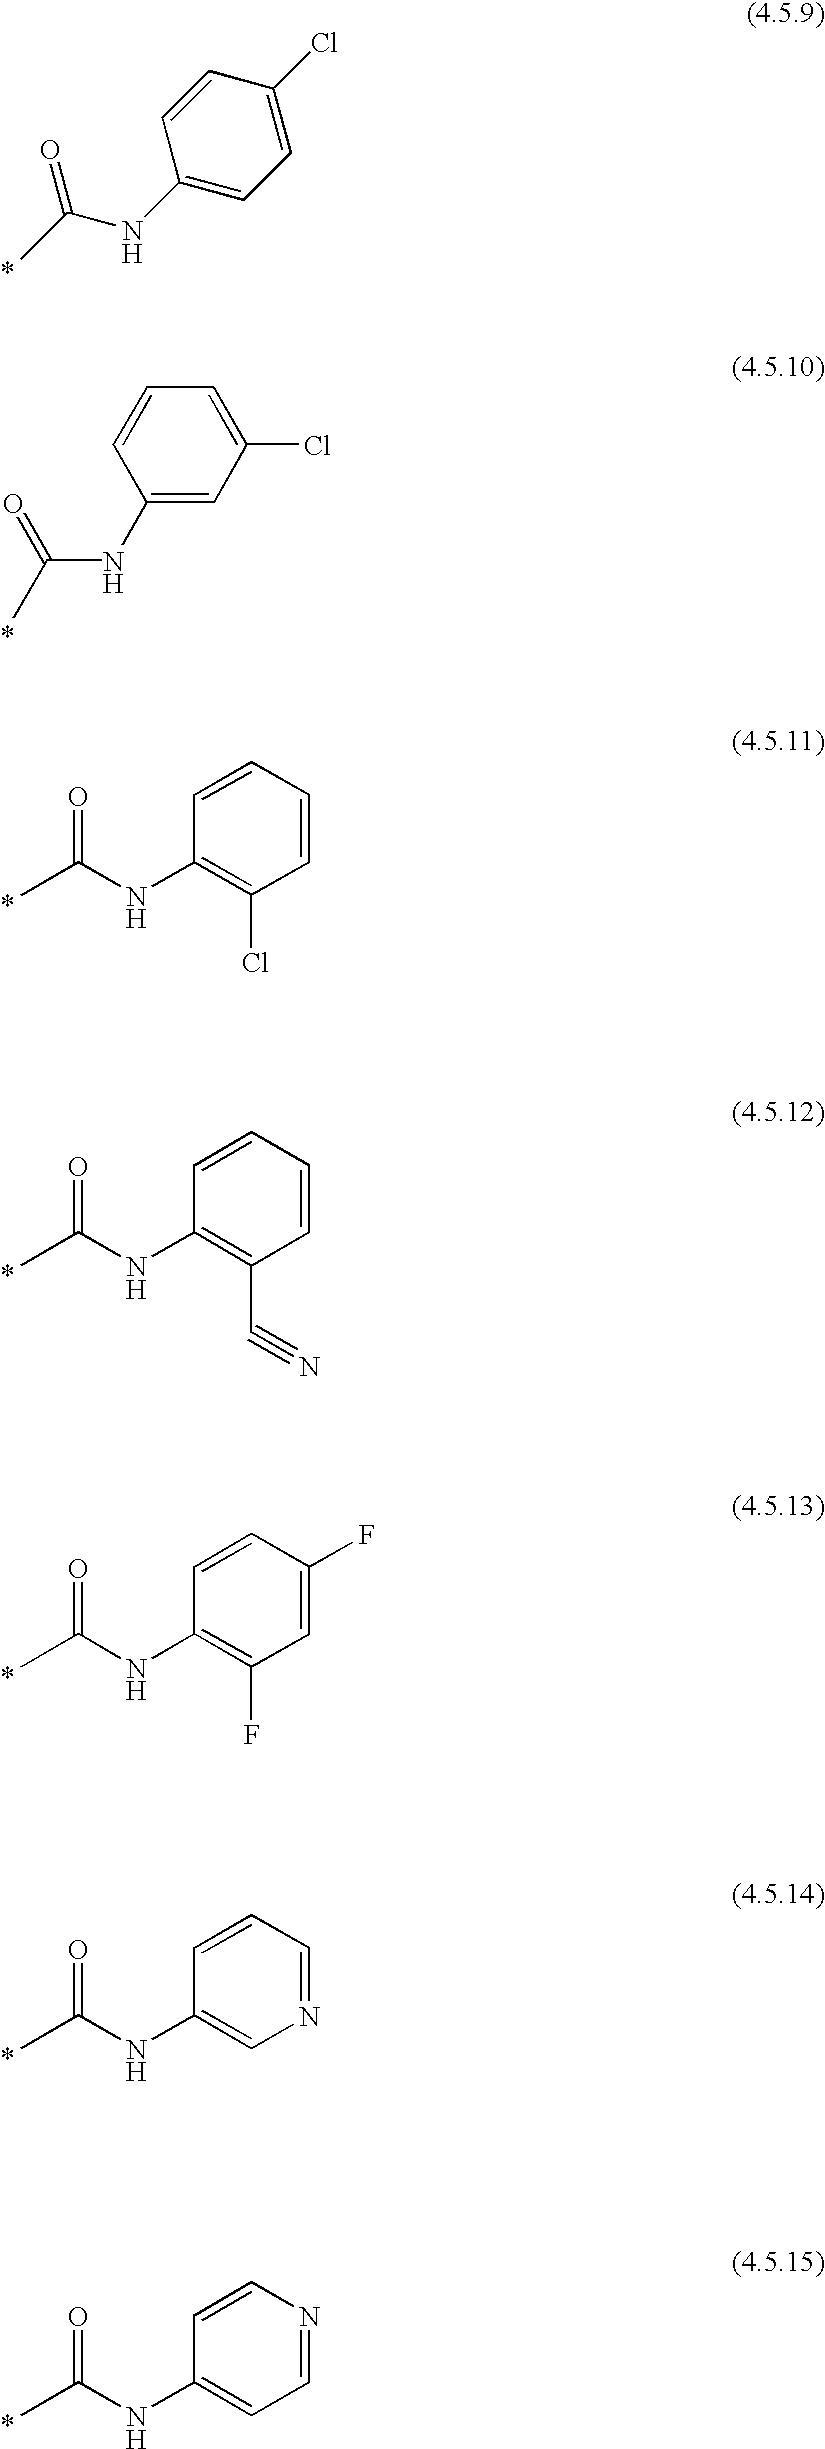 Figure US20030186974A1-20031002-C00149